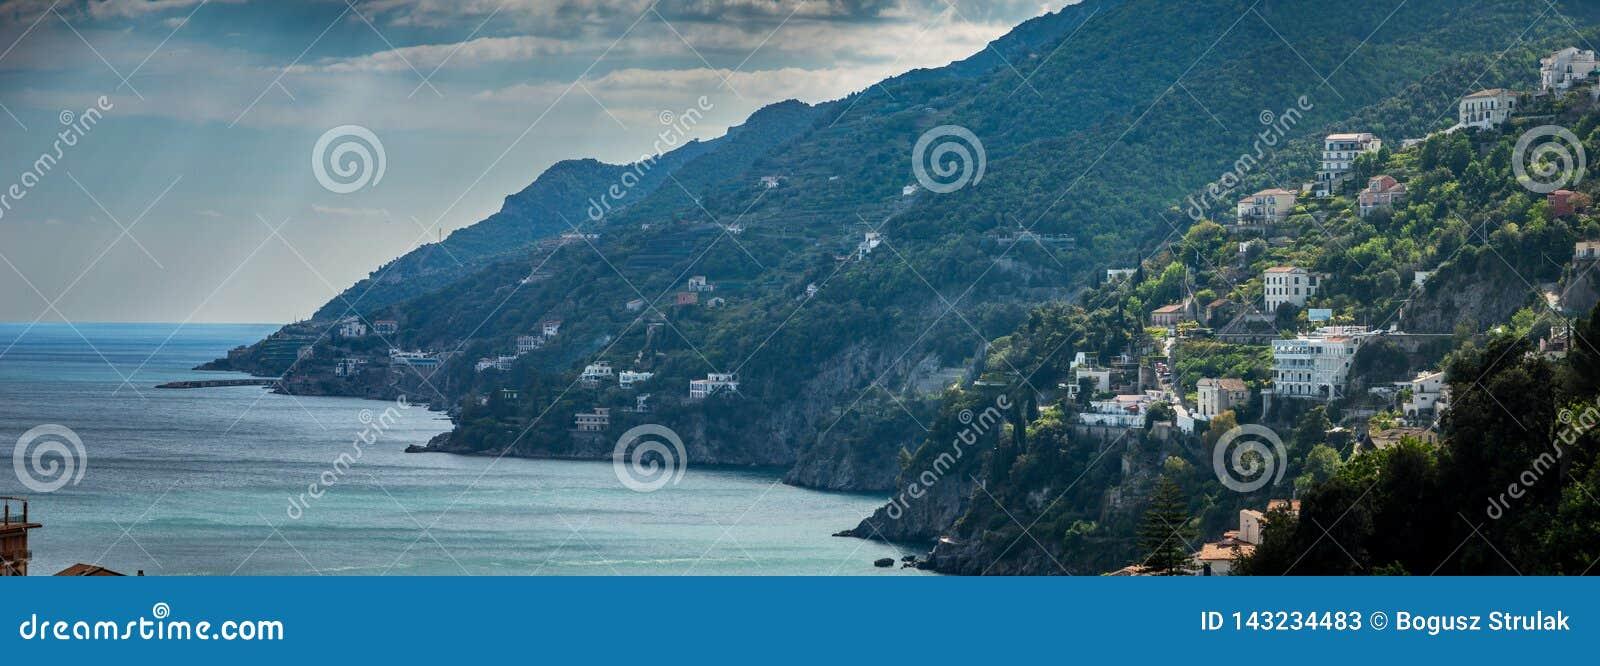 Vista cênico da costa famosa de Amalfi, Itália